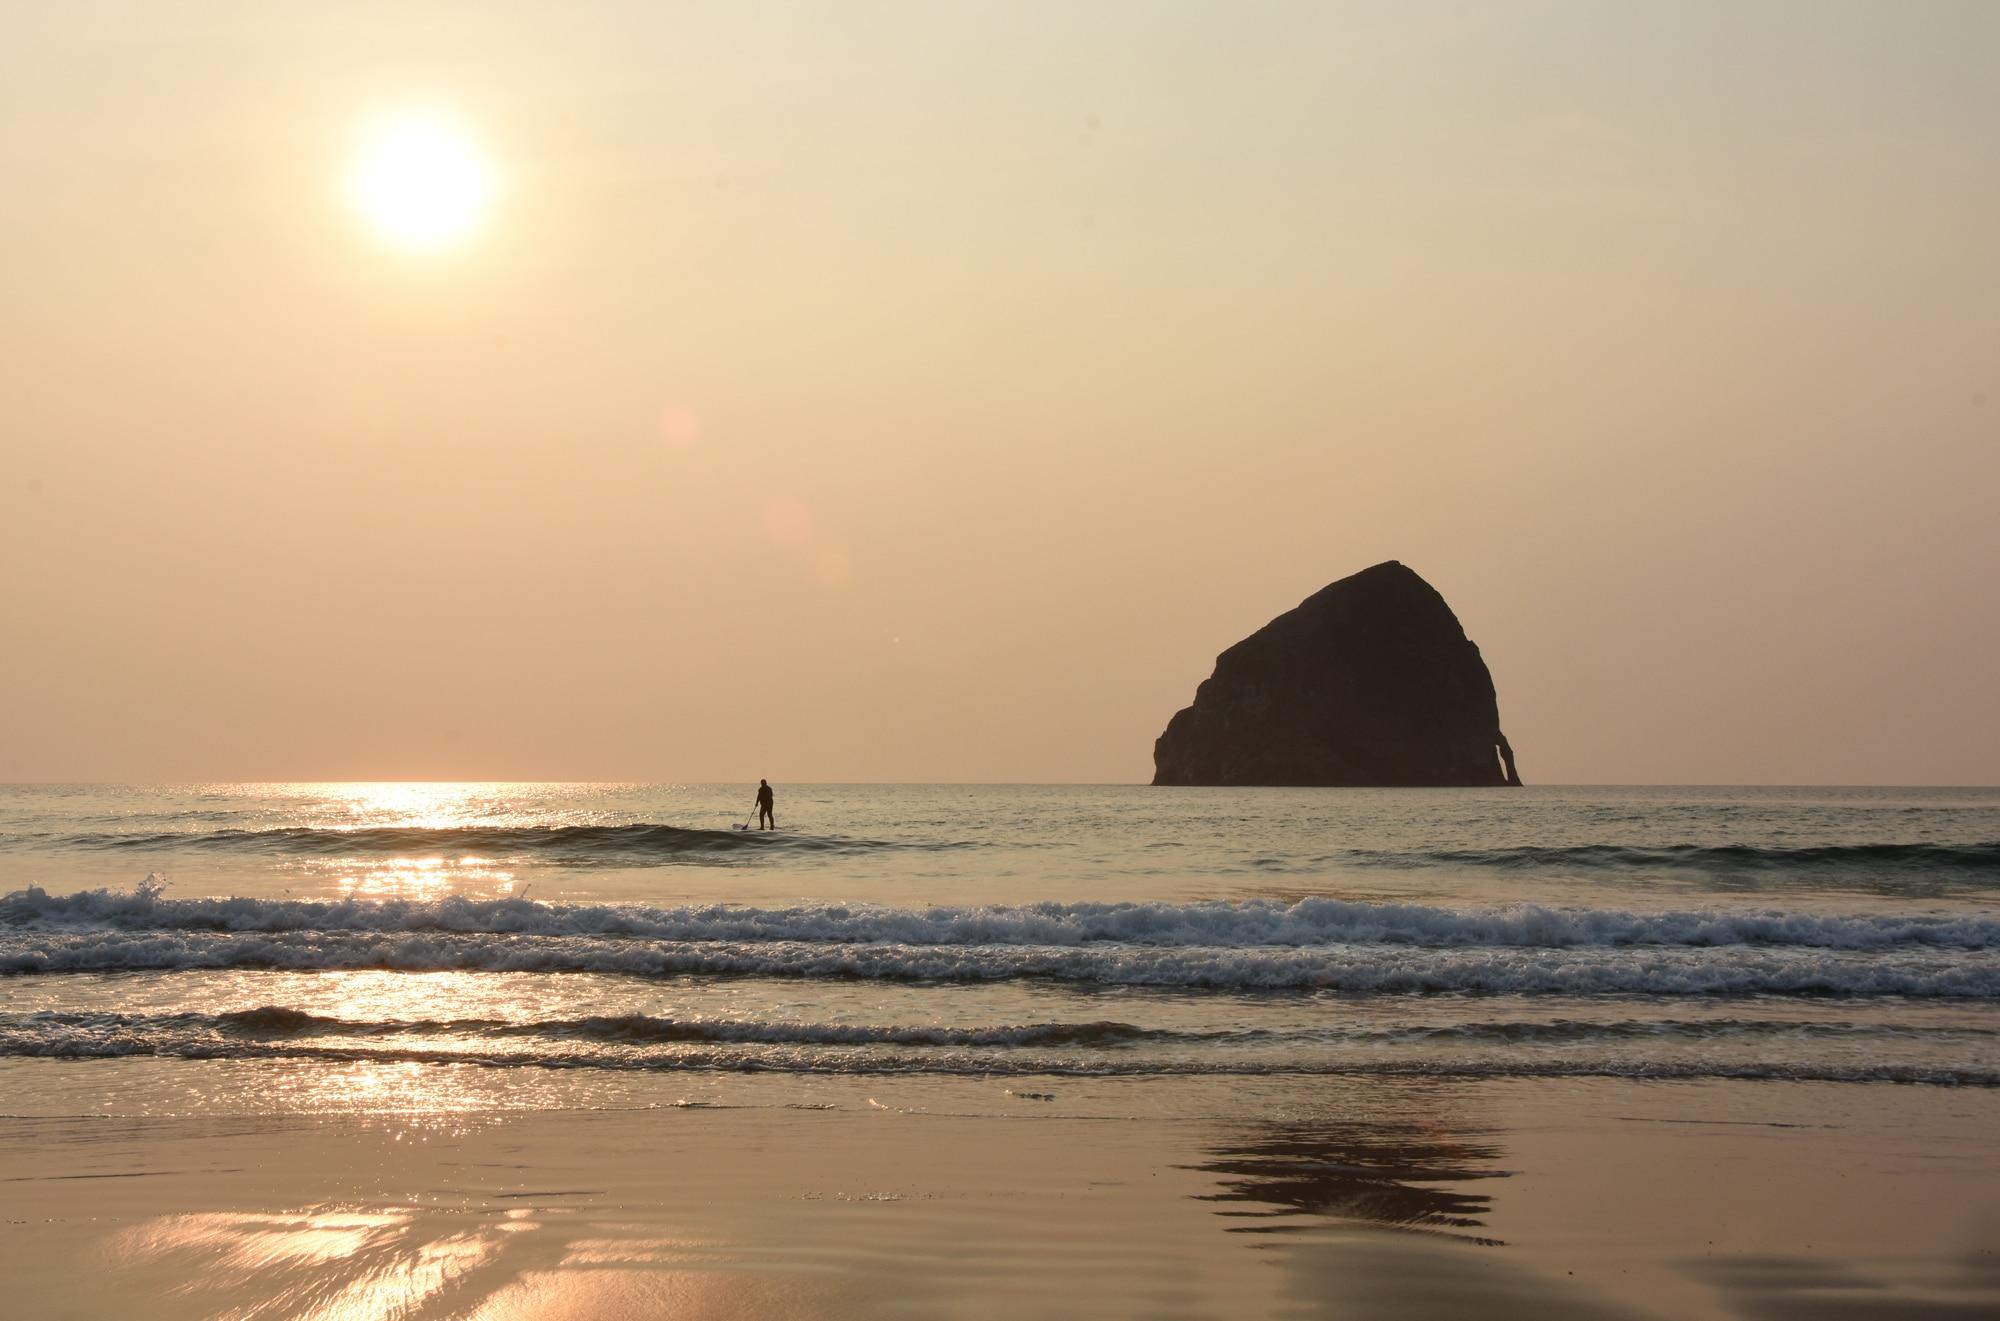 מקומות שהם אנדרייטד חופי אורגון